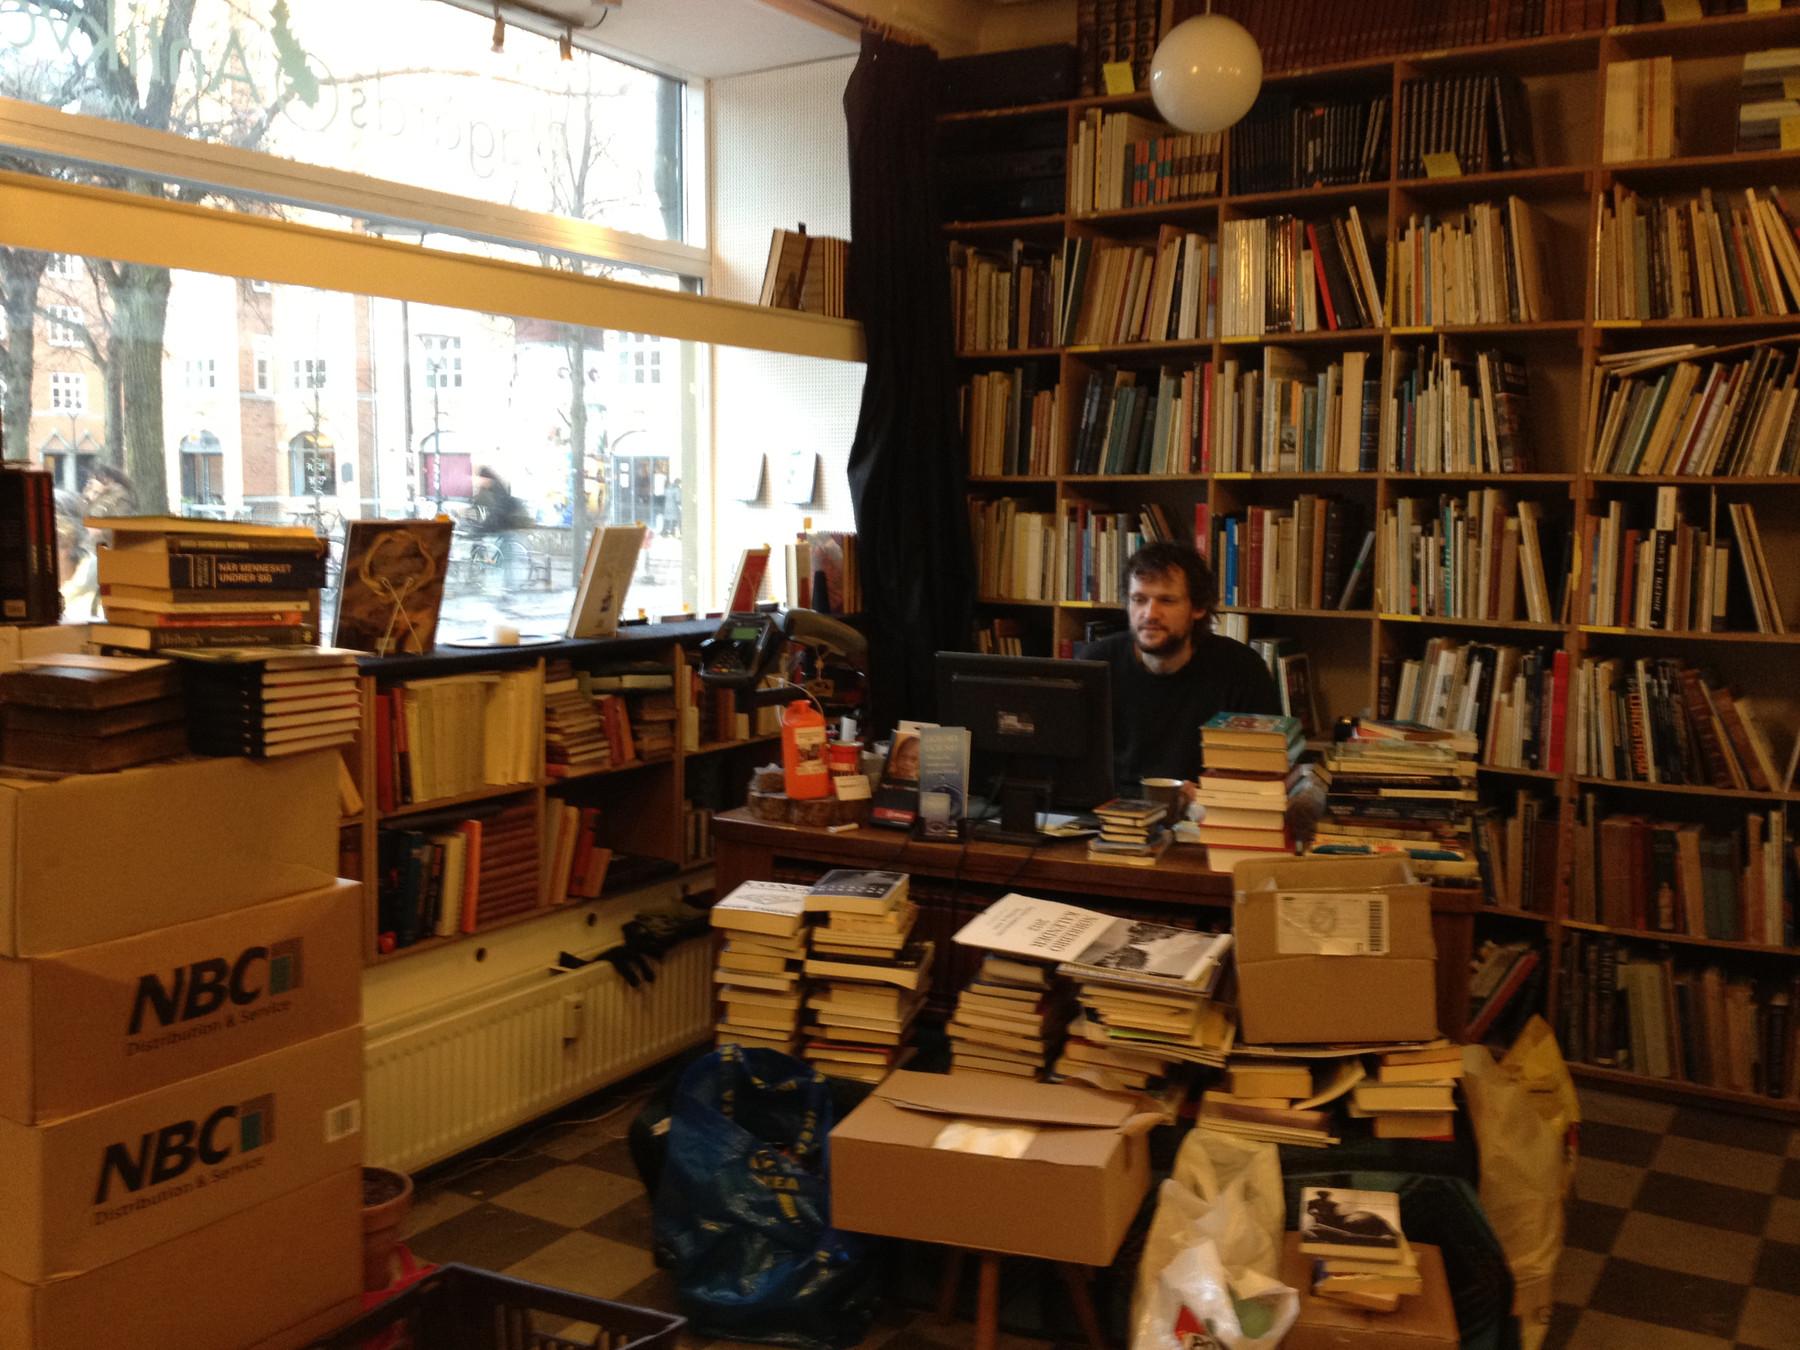 bog antikvariat københavn